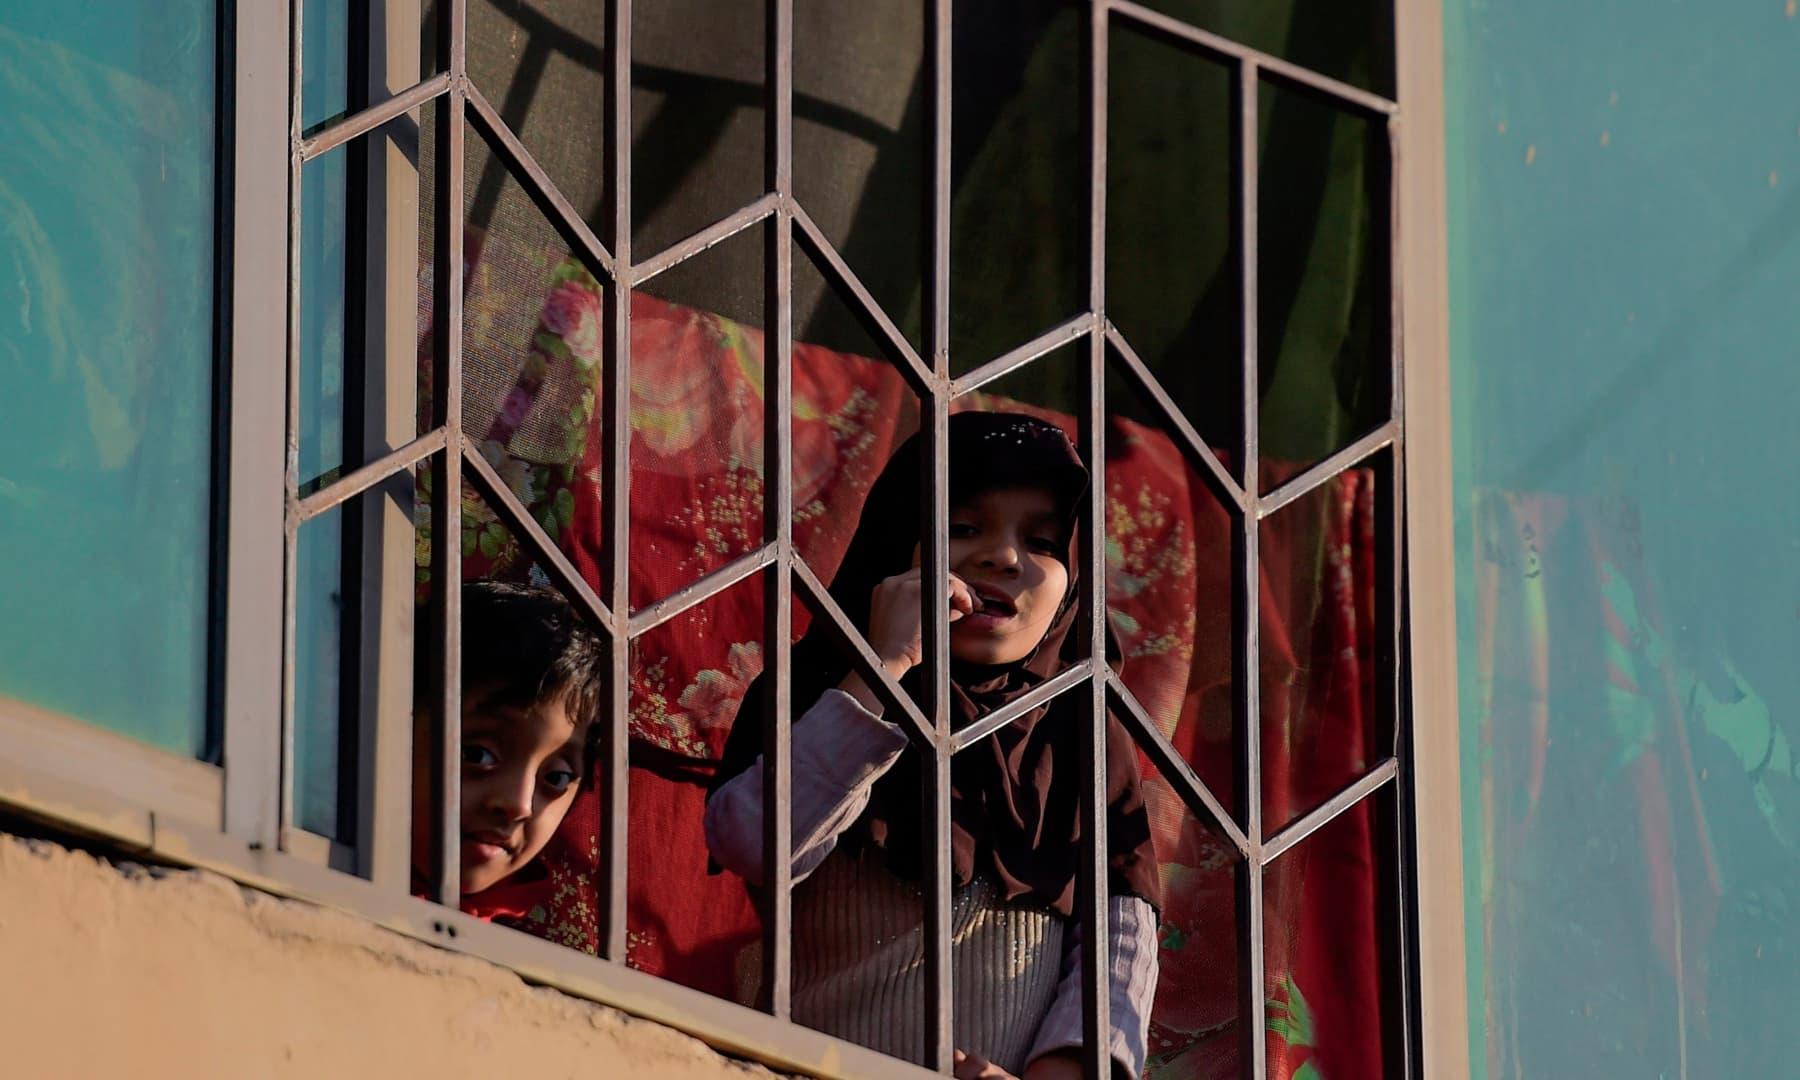 اسلام آباد میں لاک ڈاون کے دوران بچے کھڑکی سے باہر دیکھ رہے ہیں – فوٹو:اے ایف پی